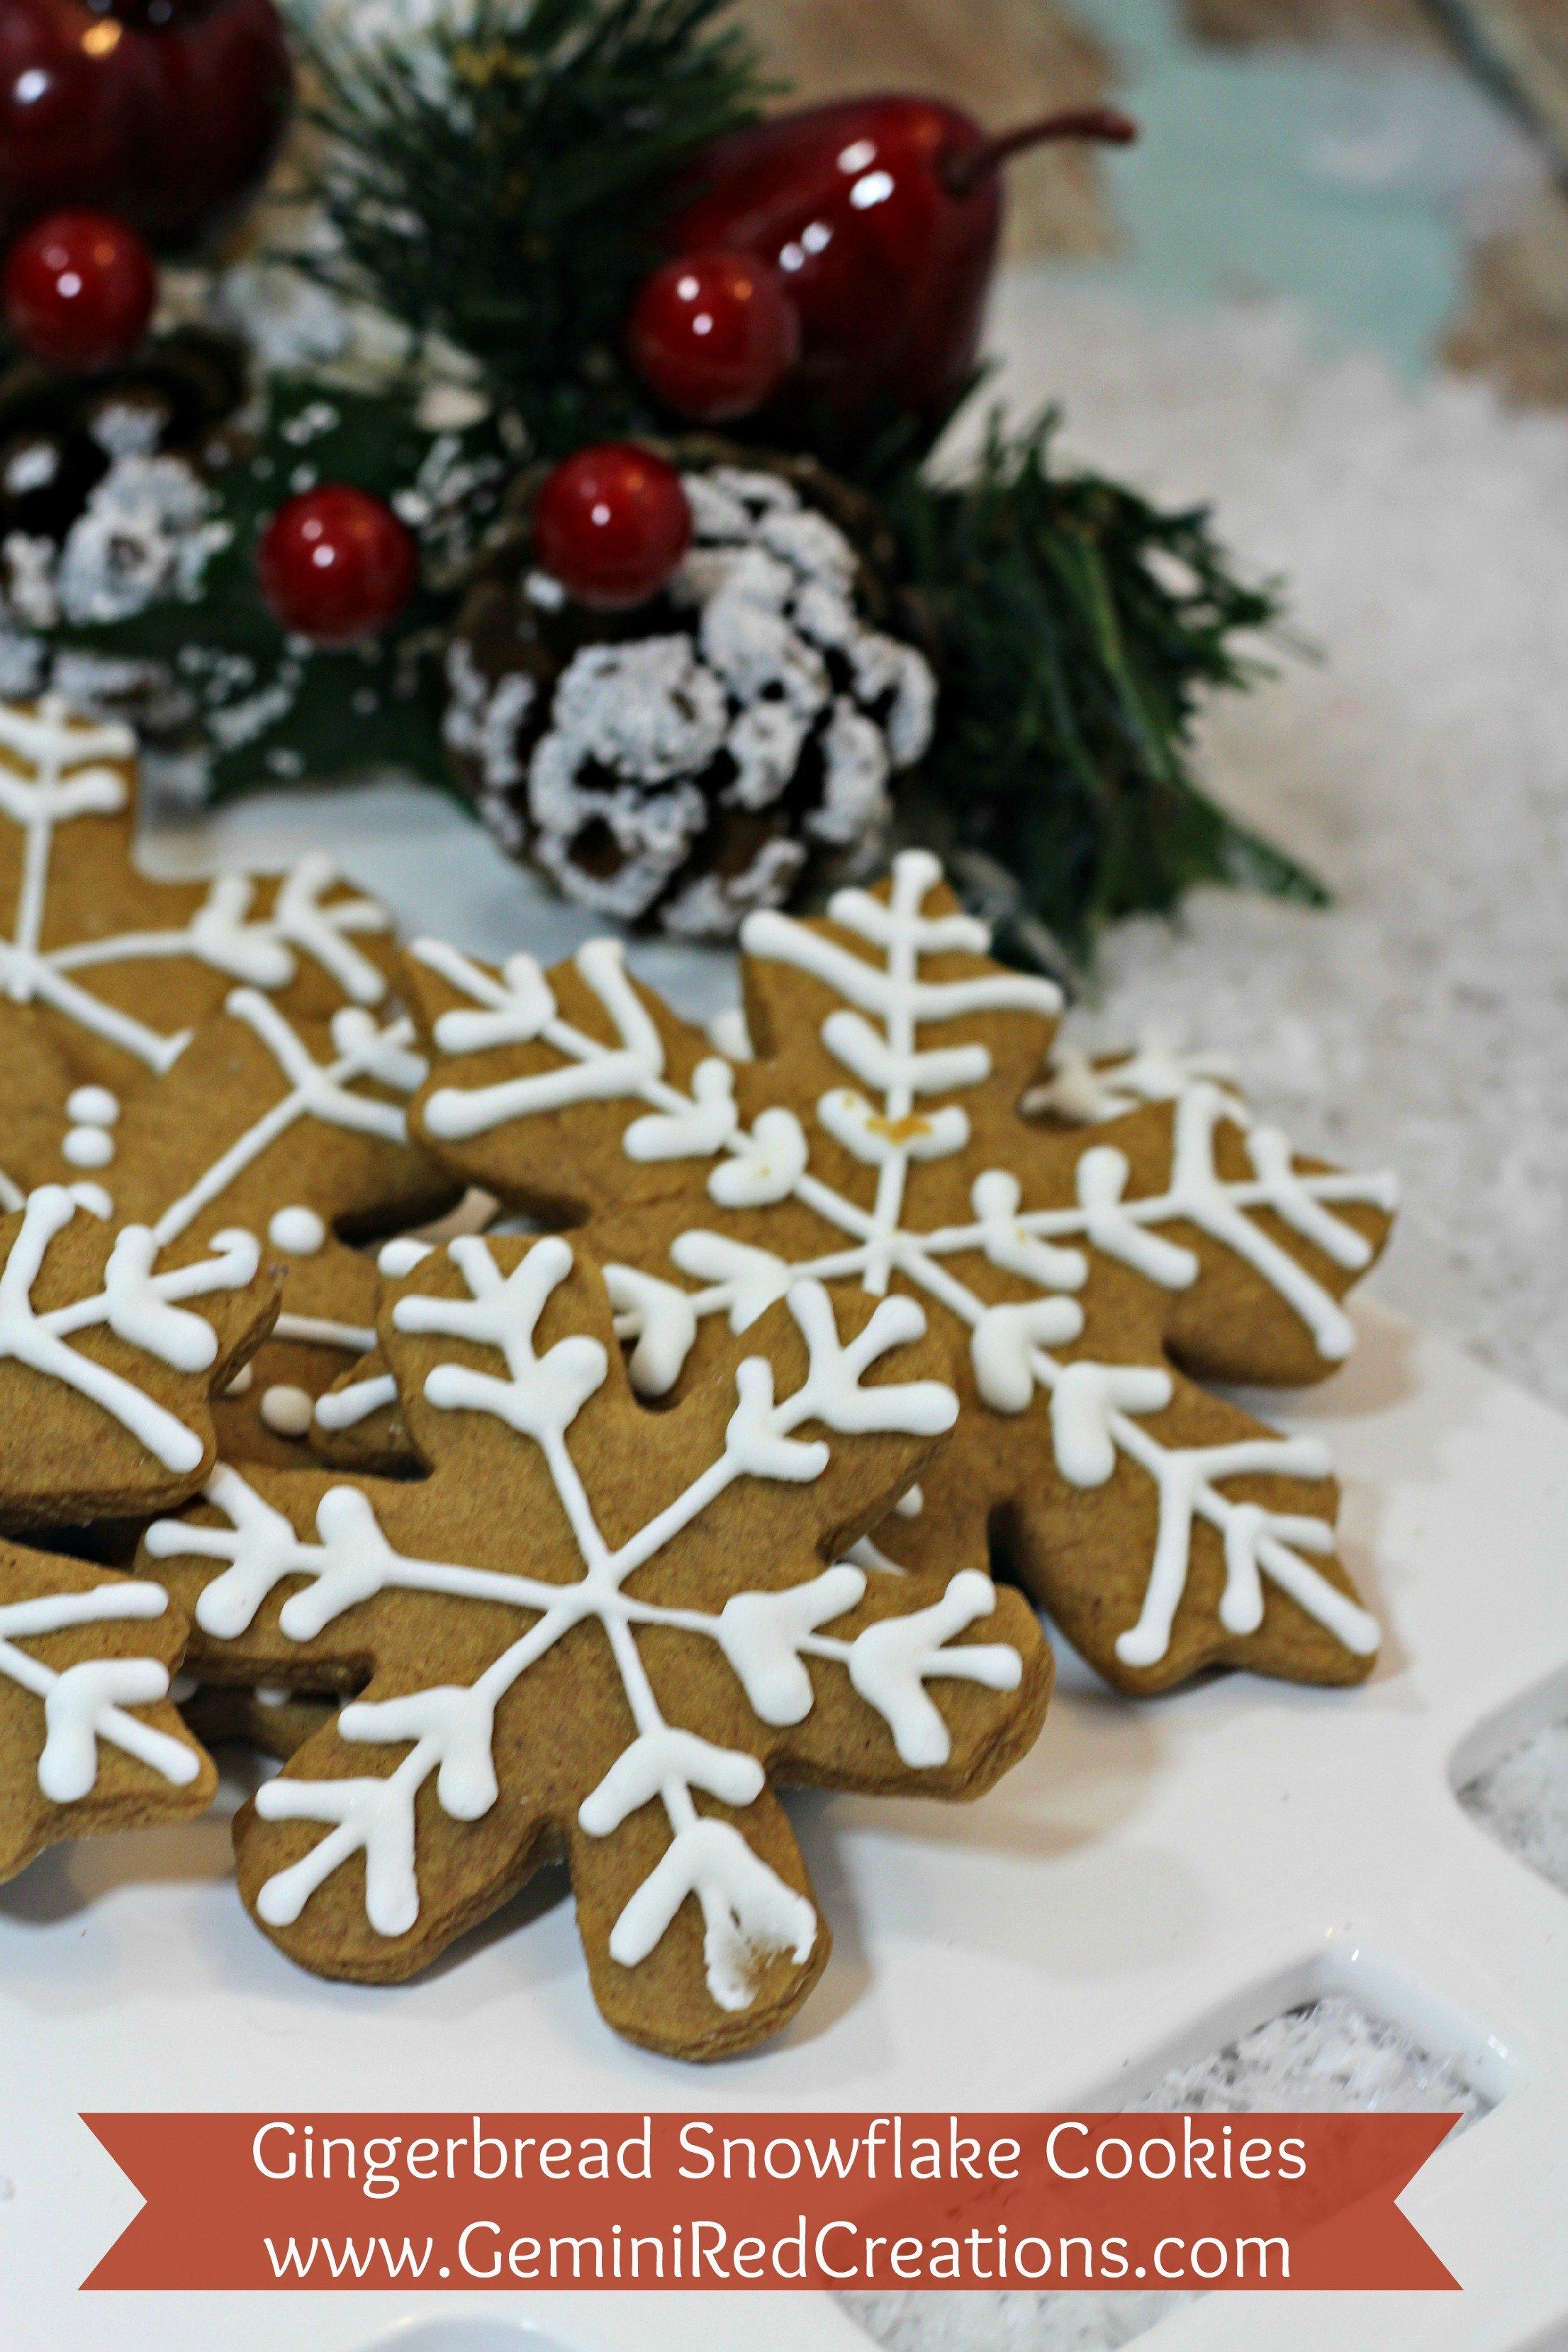 Gingerbread Snowflake Cookies {recipe}